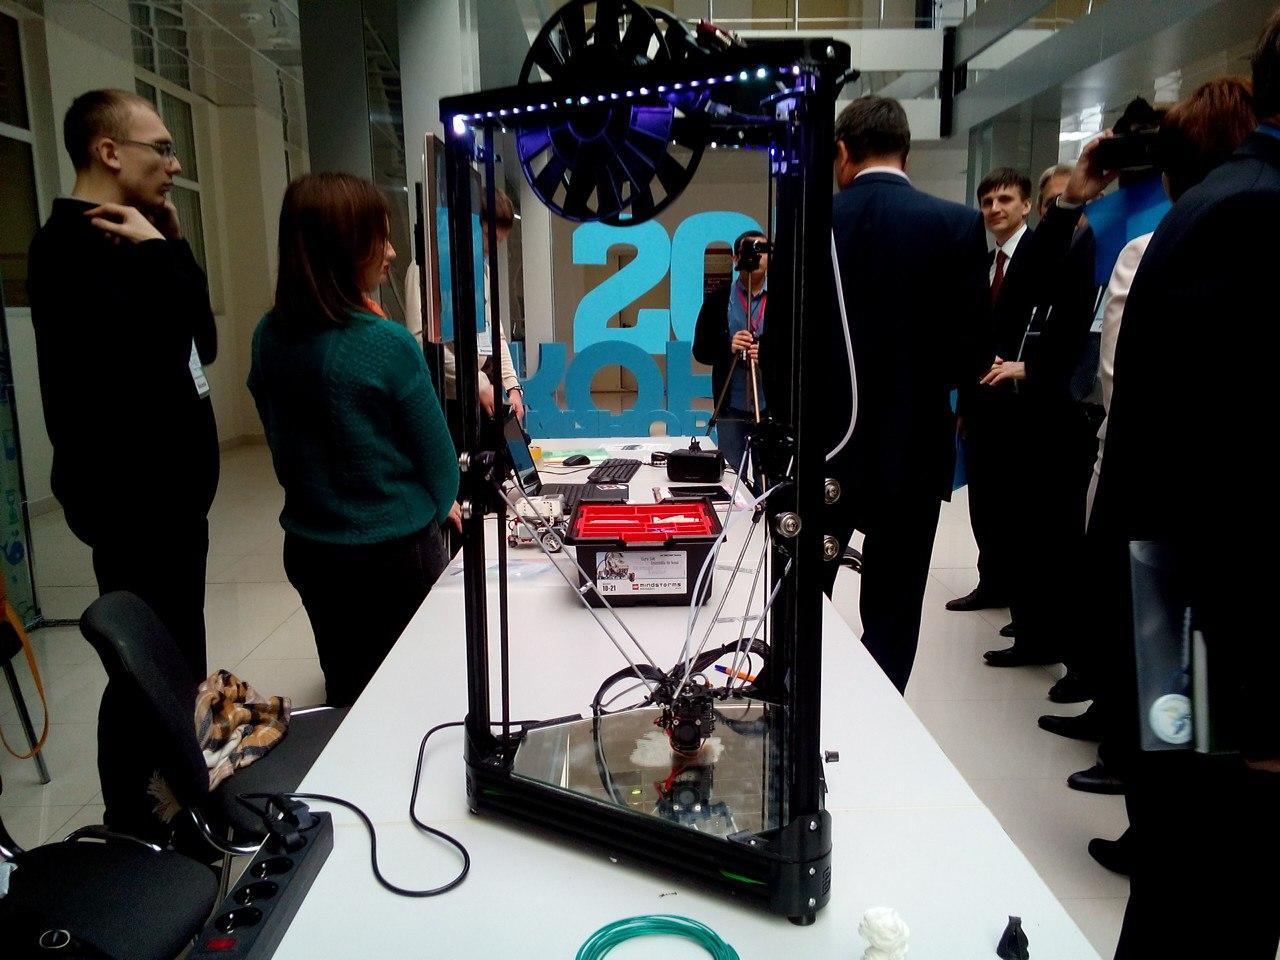 7 достоинств 3D-дельта-принтера «Эрьзя», созданного российским студентом